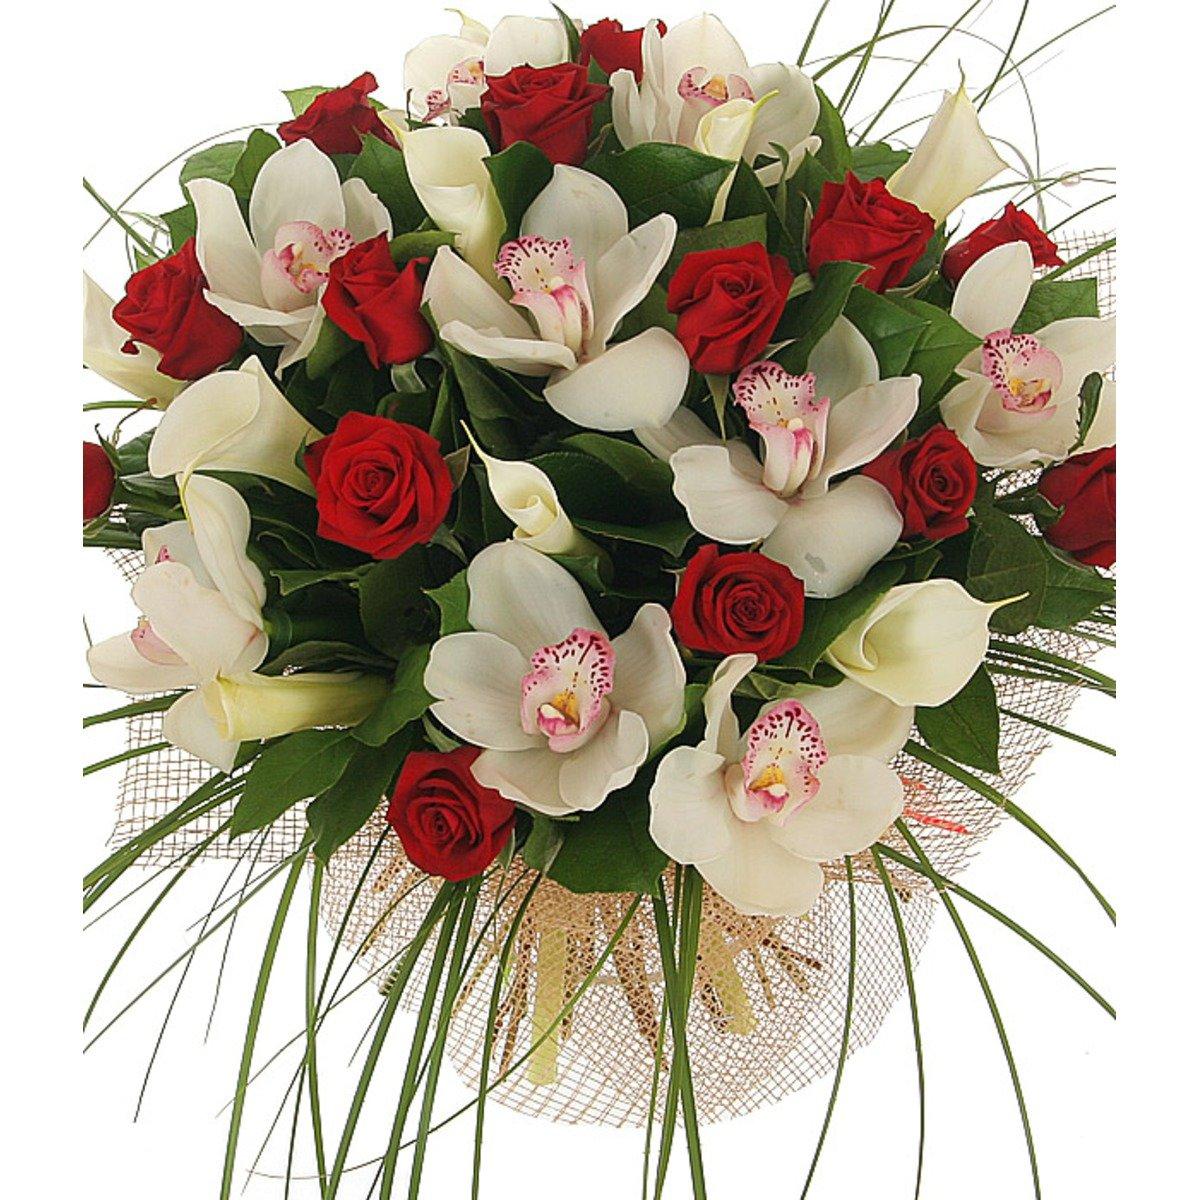 Красивые букетики цветов букетики, купить